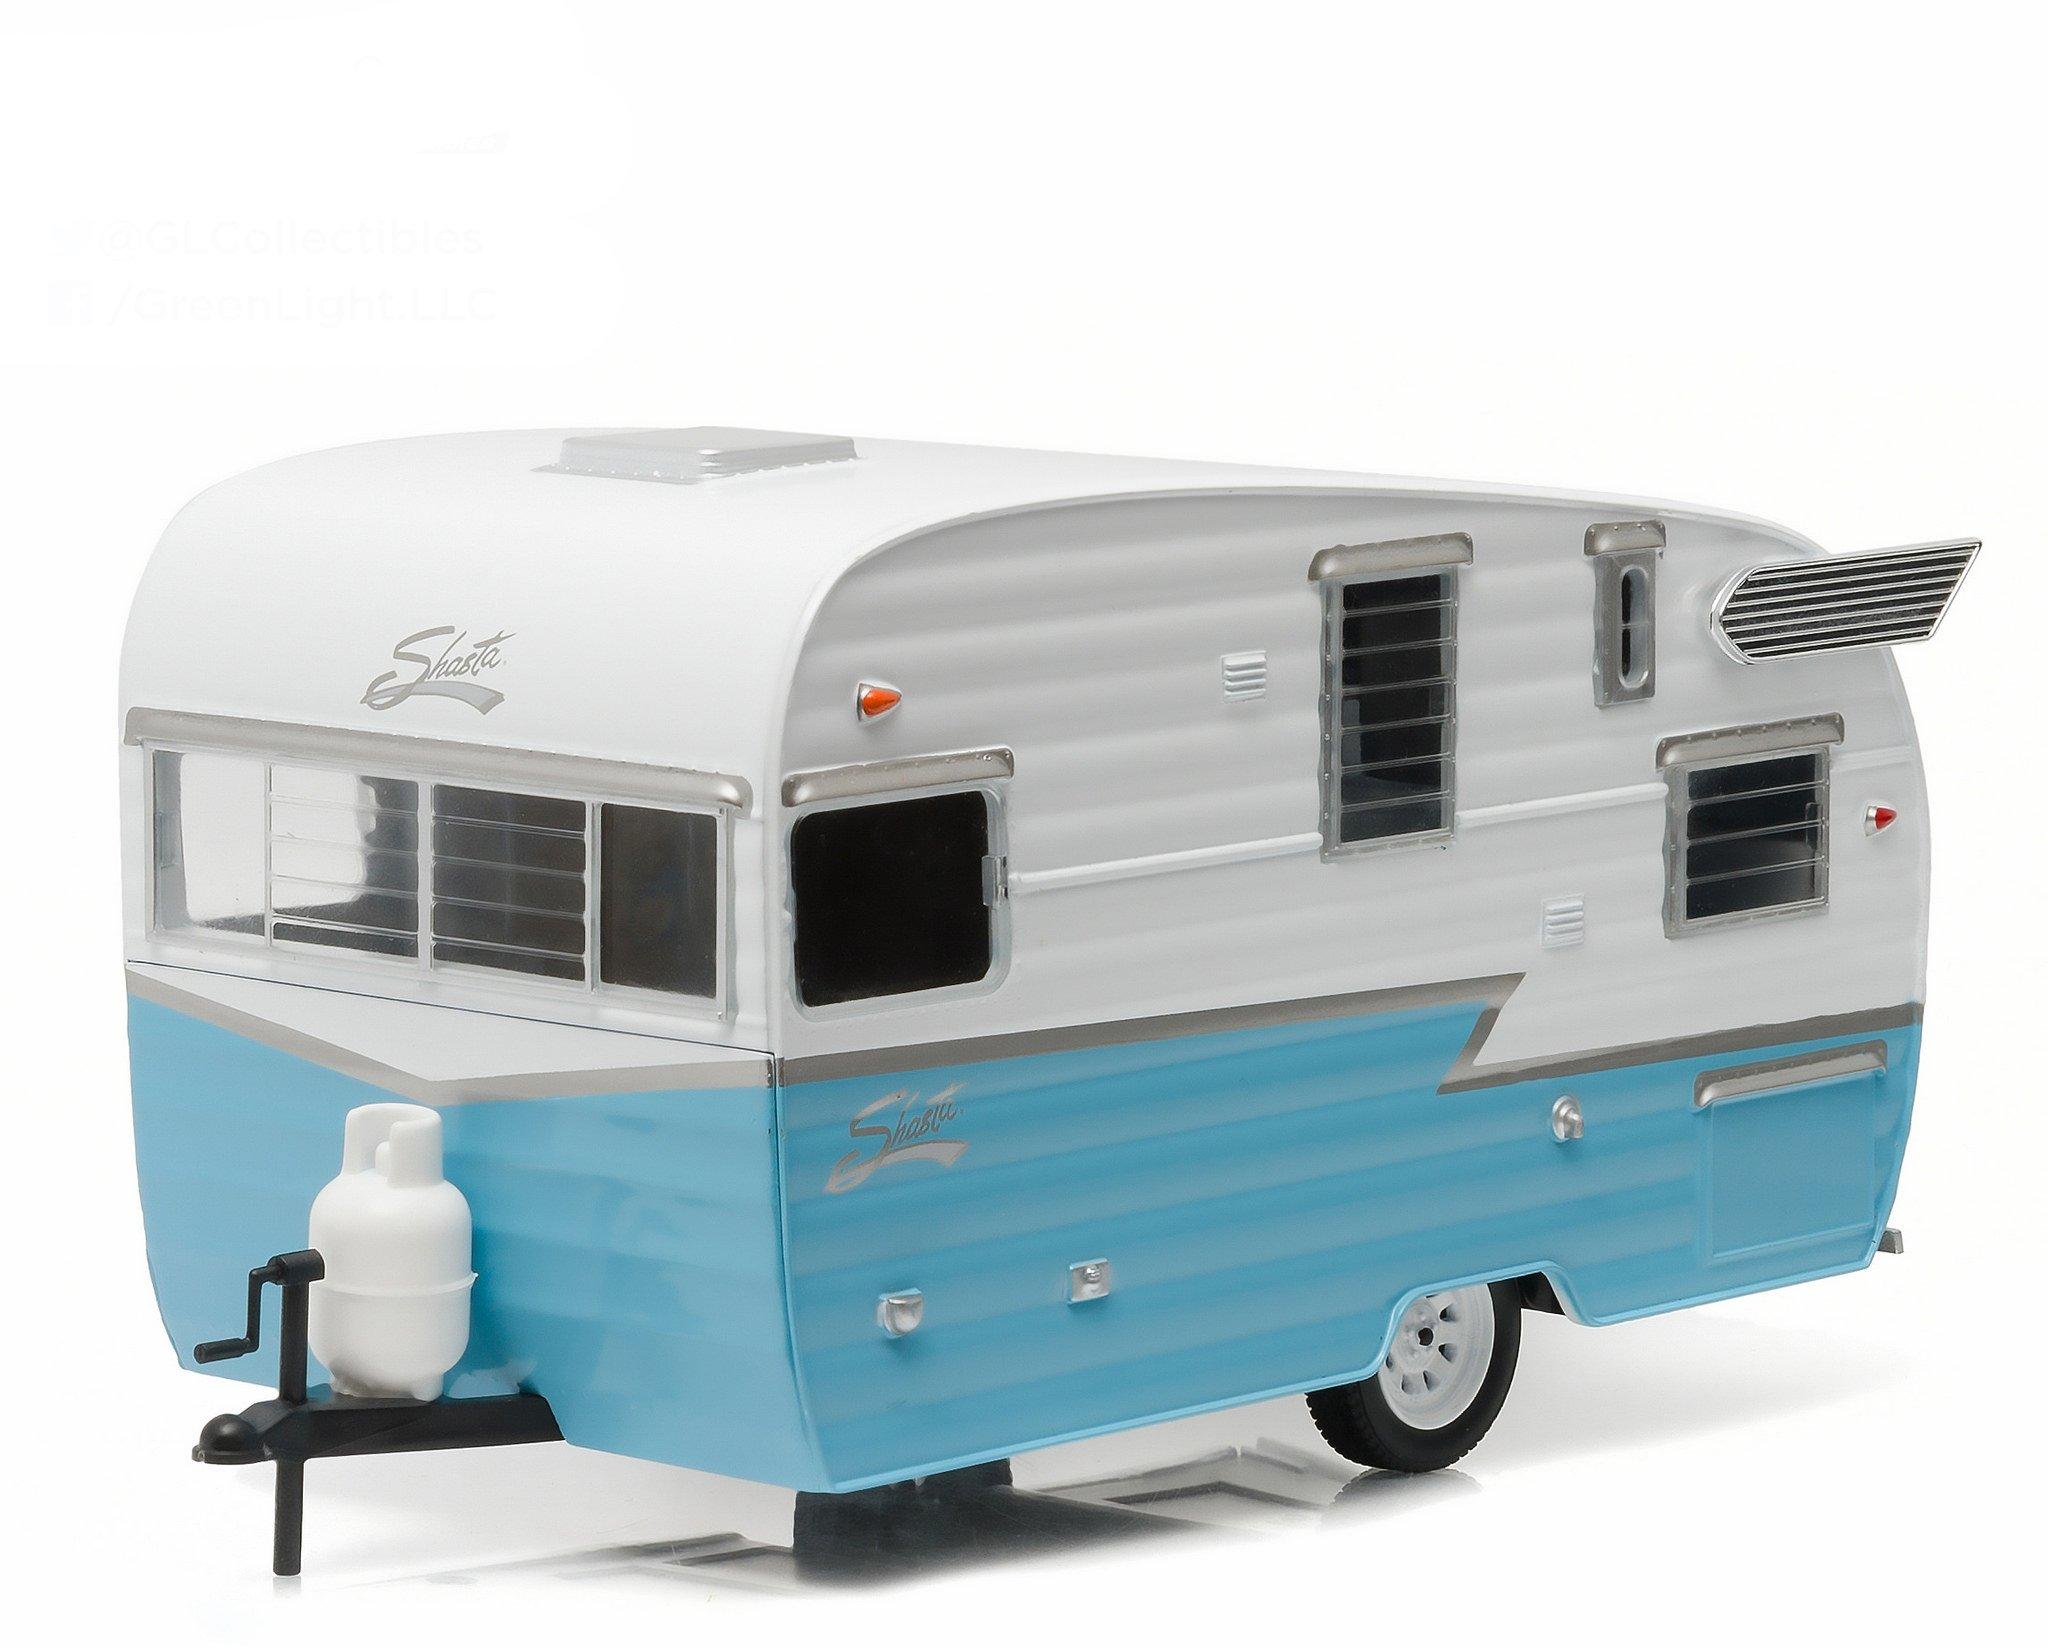 Cheap Model Trucks For Sale, find Model Trucks For Sale